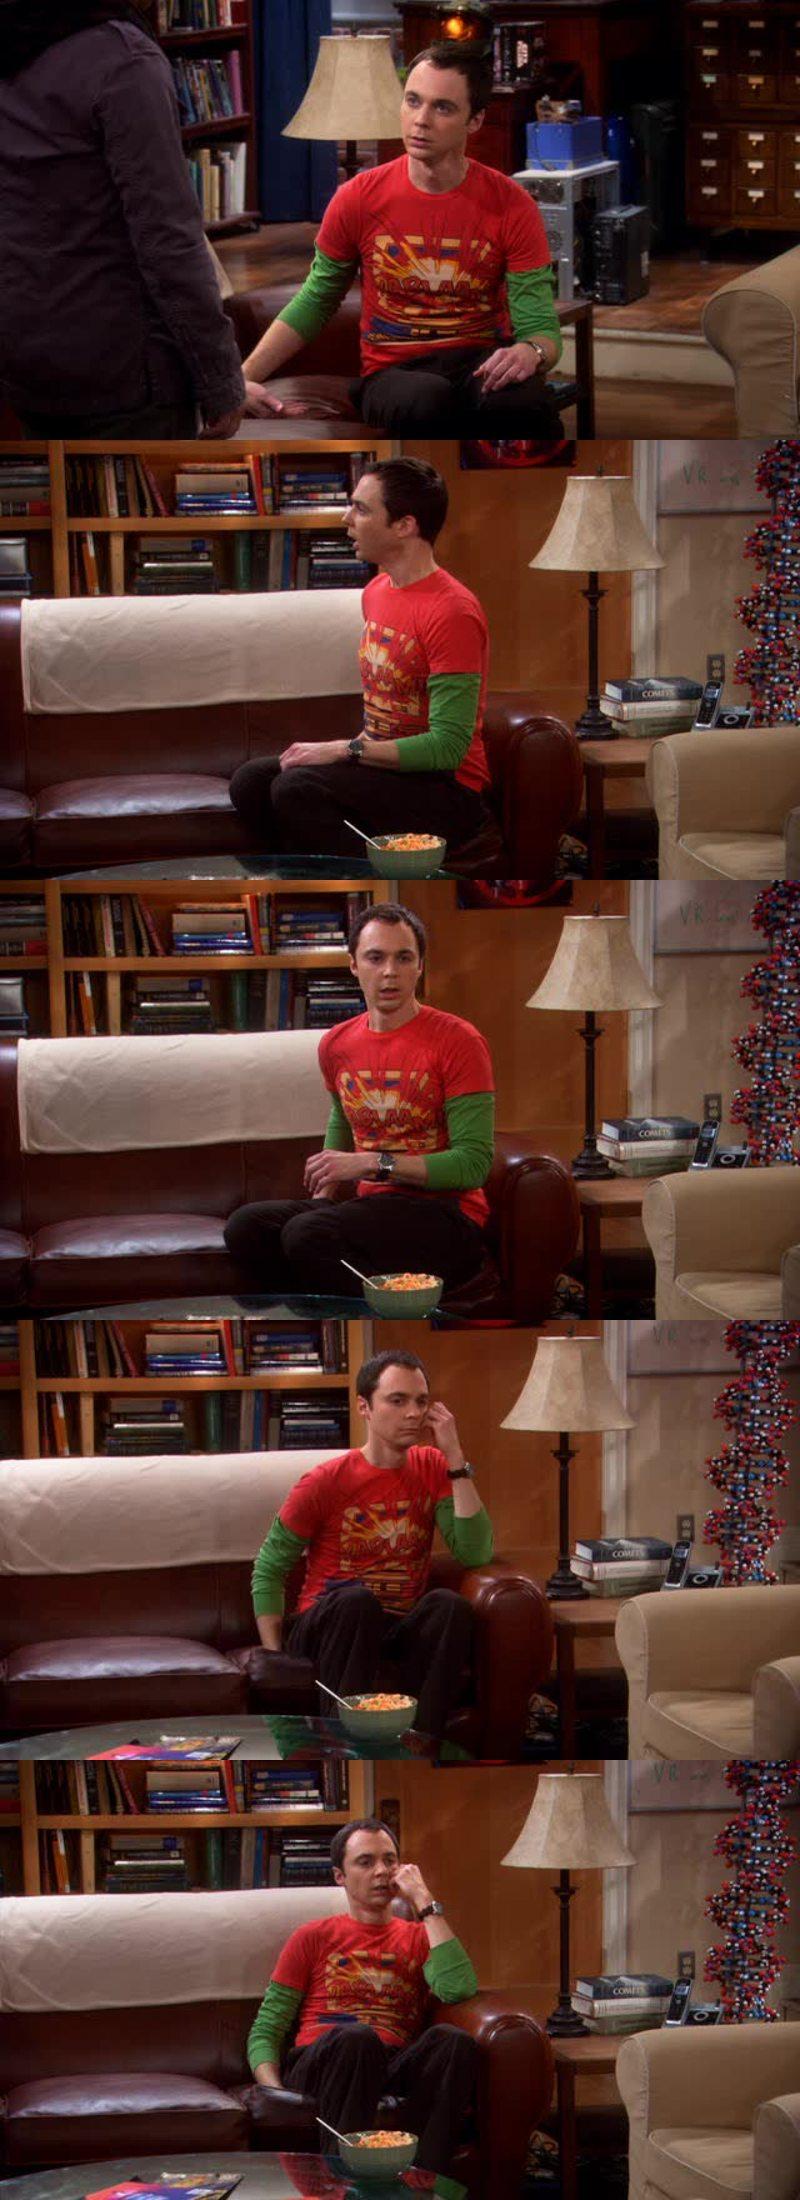 La gamma di espressioni di sconforto di Sheldon alla notizia che Leonard compra il suo pollo agli anacardi in un altro ristorante rispetto al solito da ben due anni: